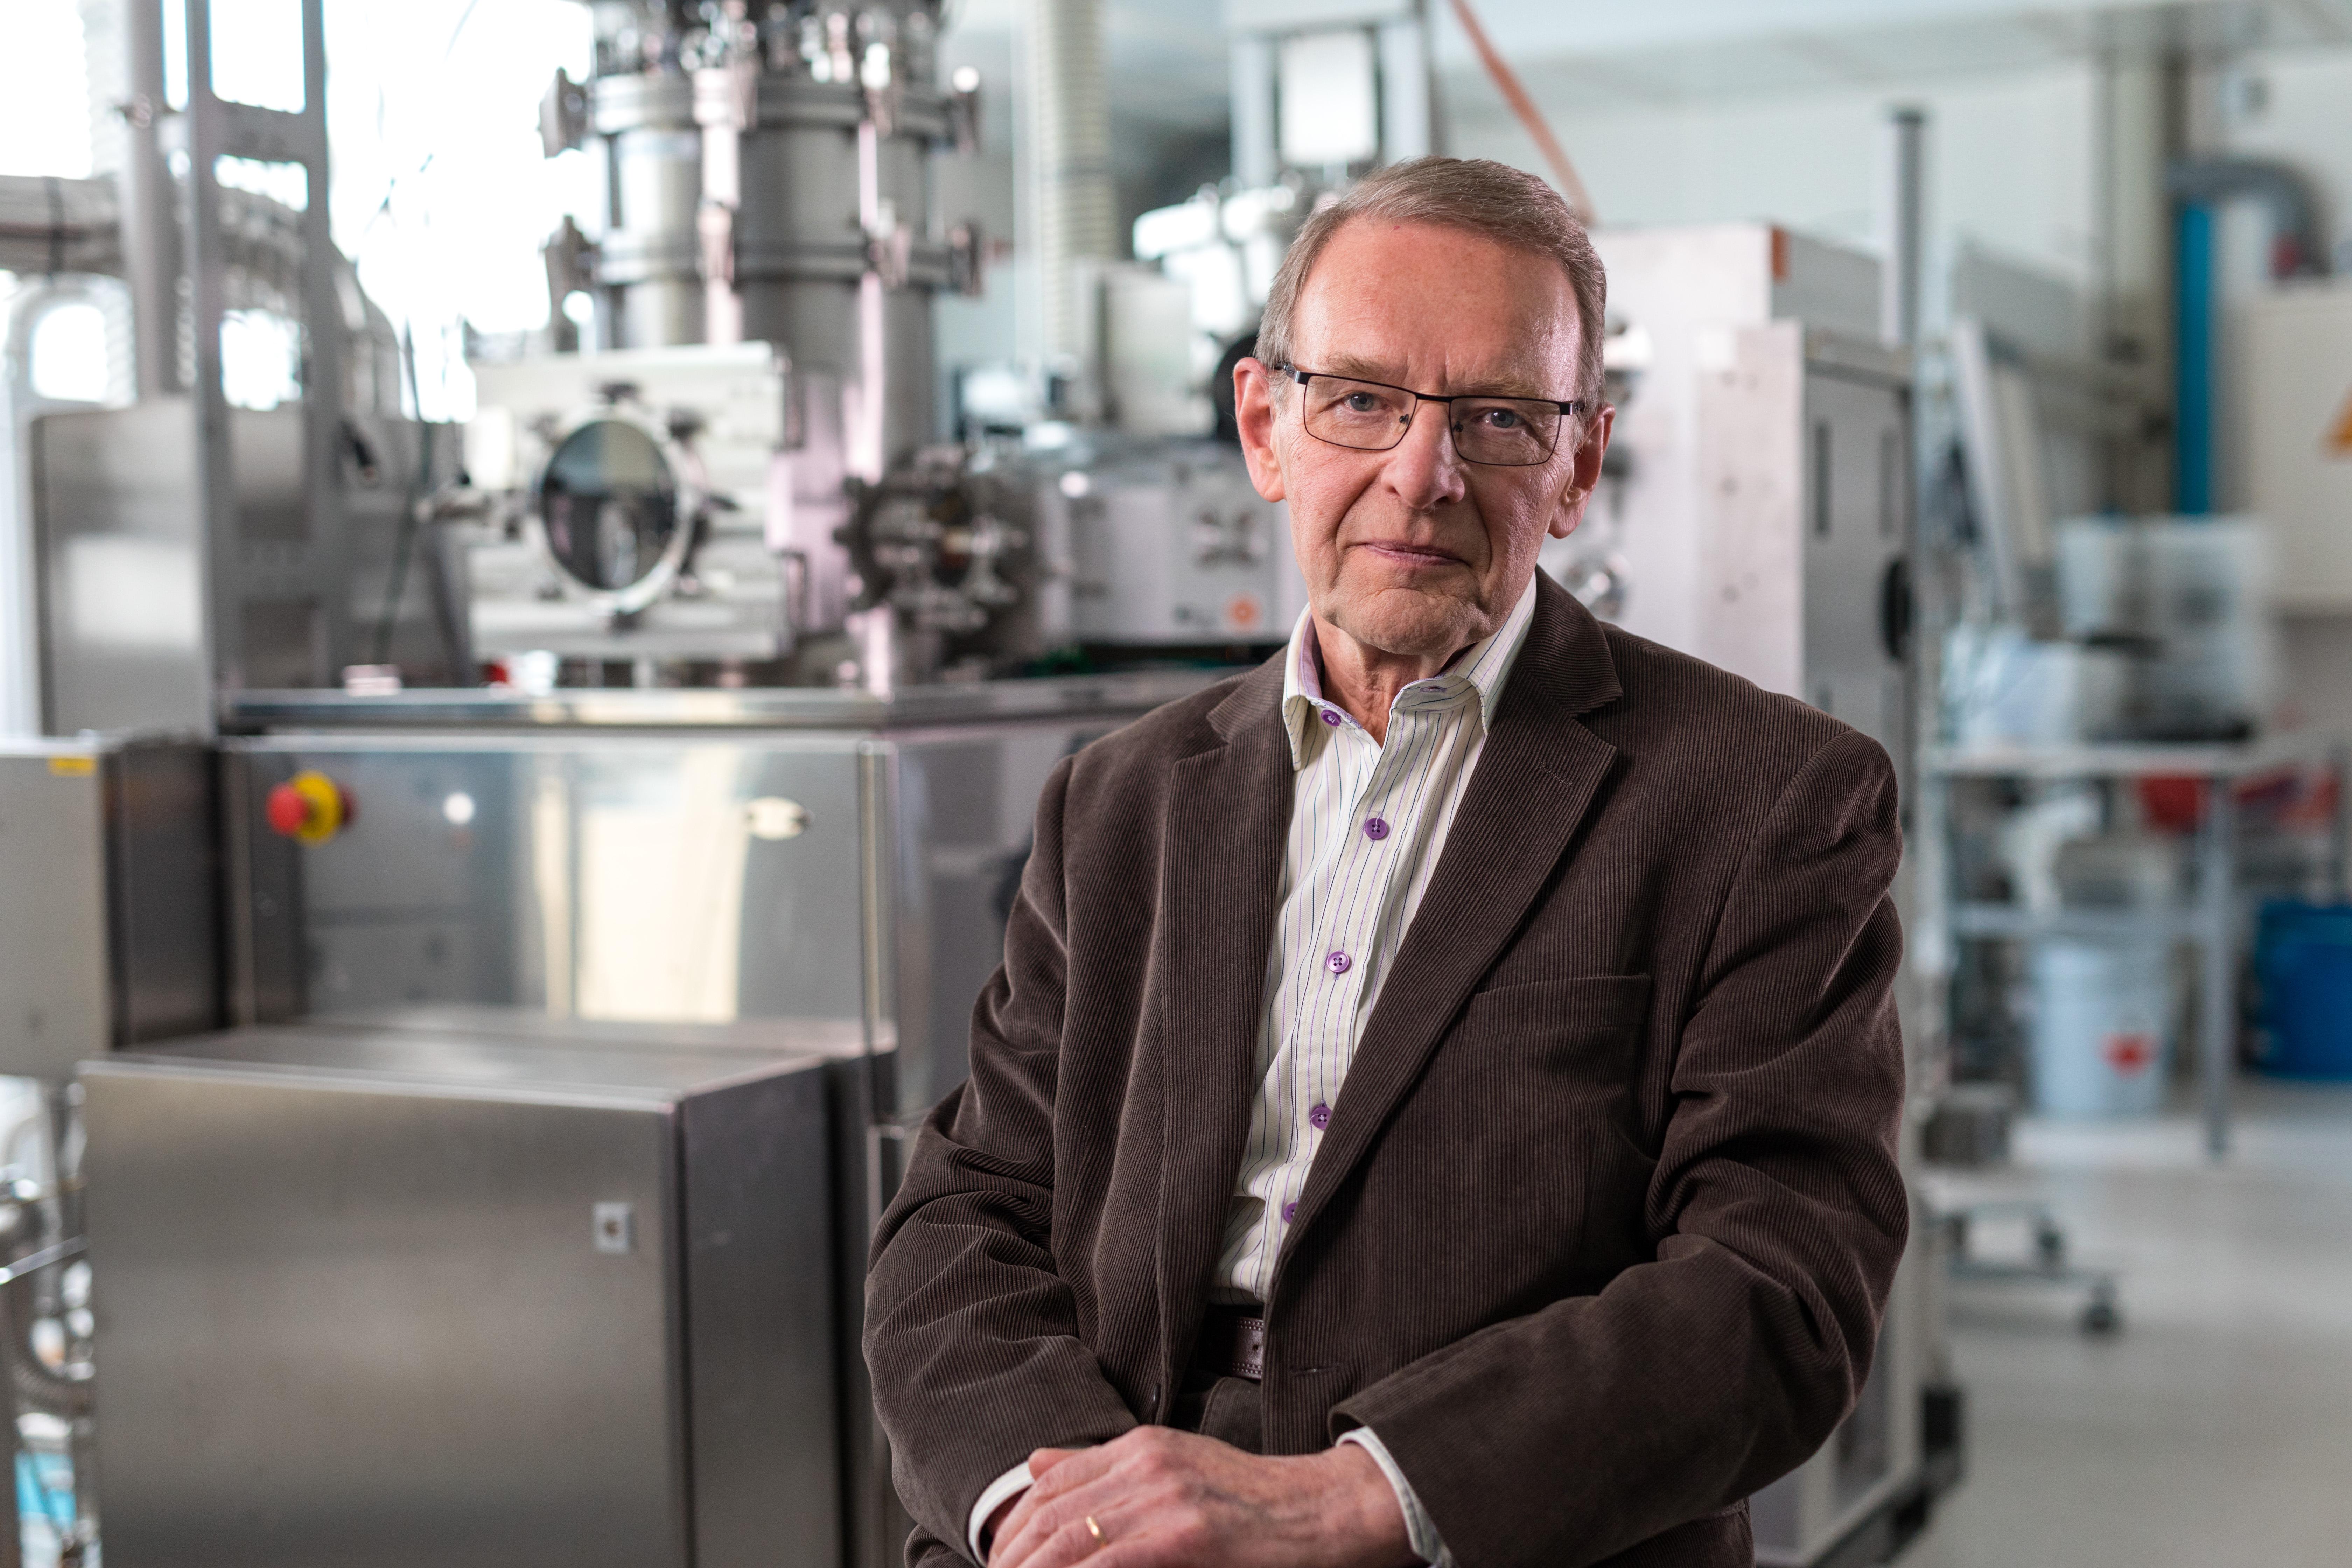 El físico finlandés Tuomo Suntola, ganador del Premio Millennium de Tecnología 2018. Foto: Academia de Tecnología de Finlandia (TAF)